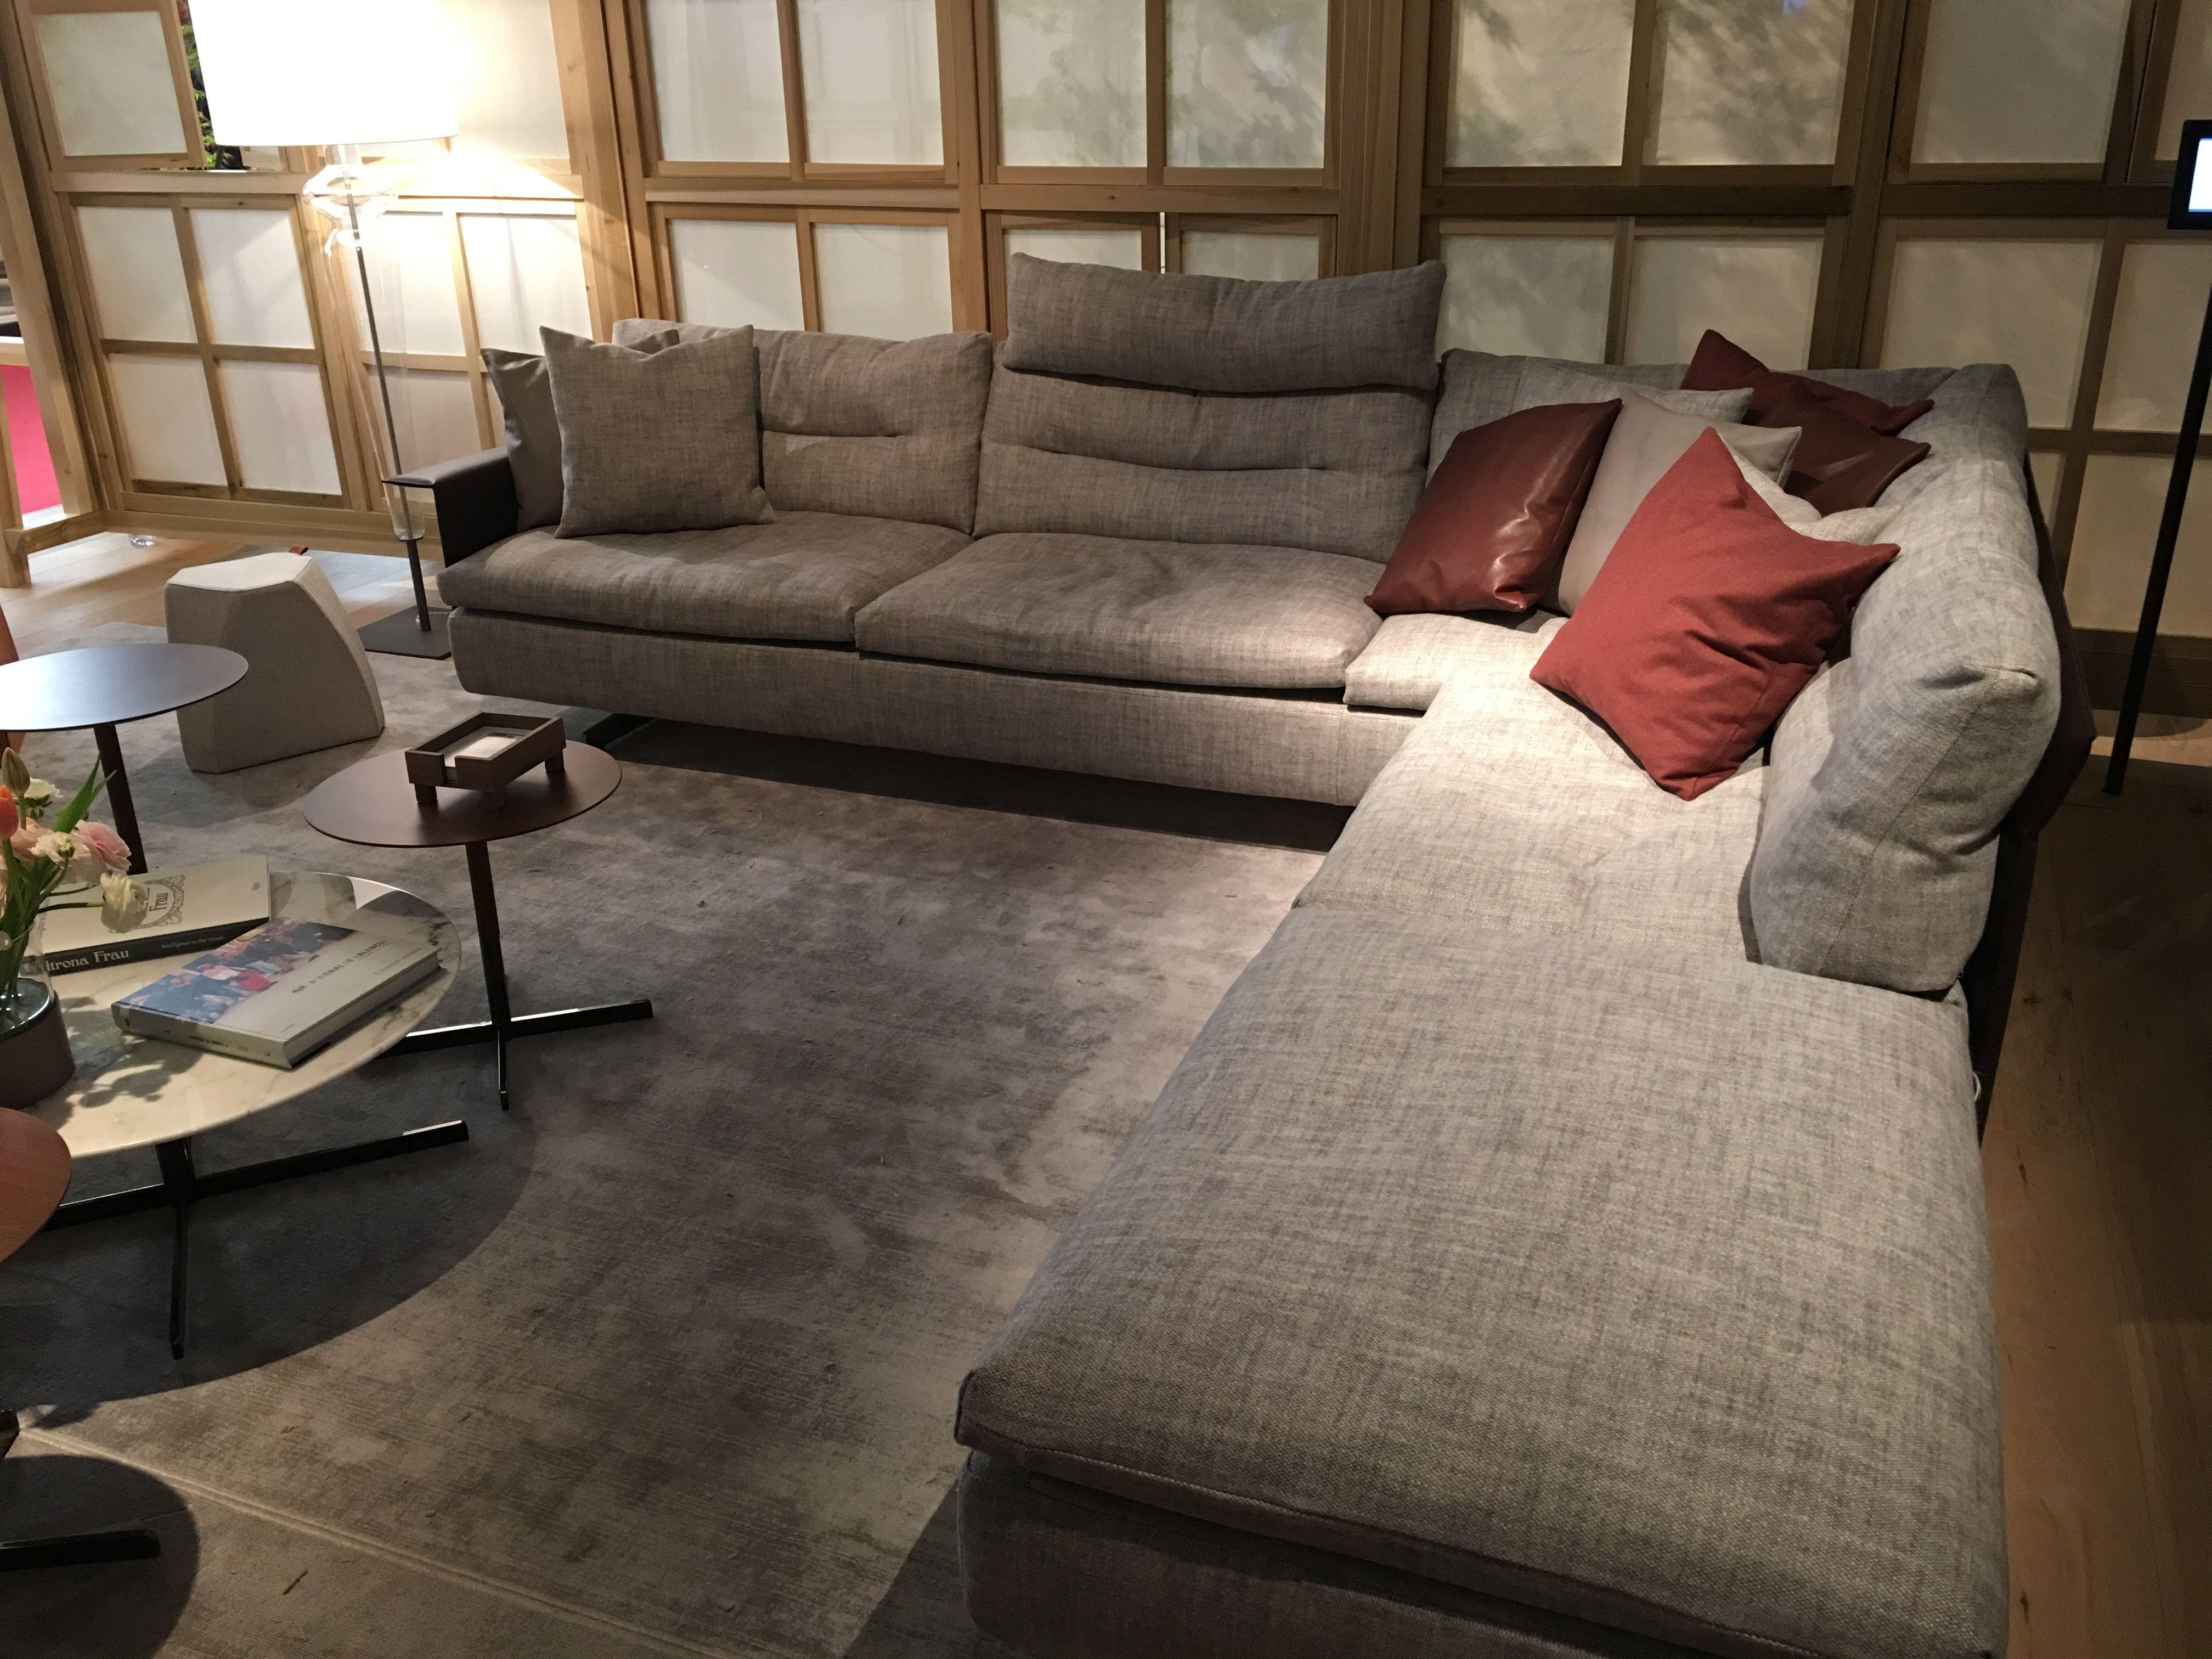 Come arredare con stile d 39 arredo classico moderno for Arredo casa shop